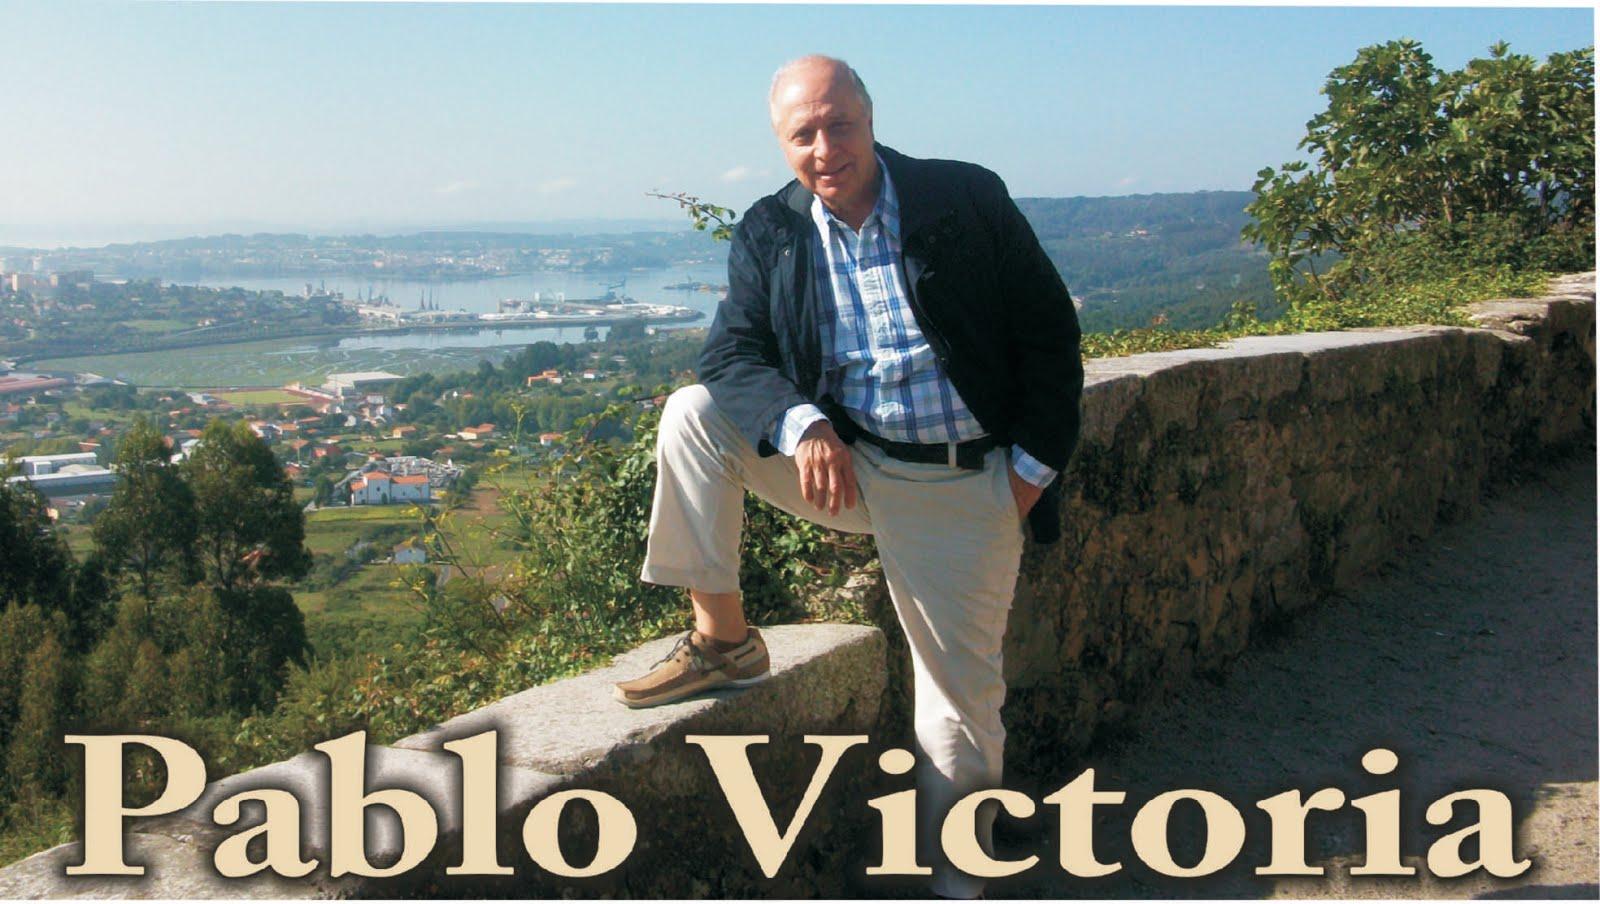 PABLO VICTORIA